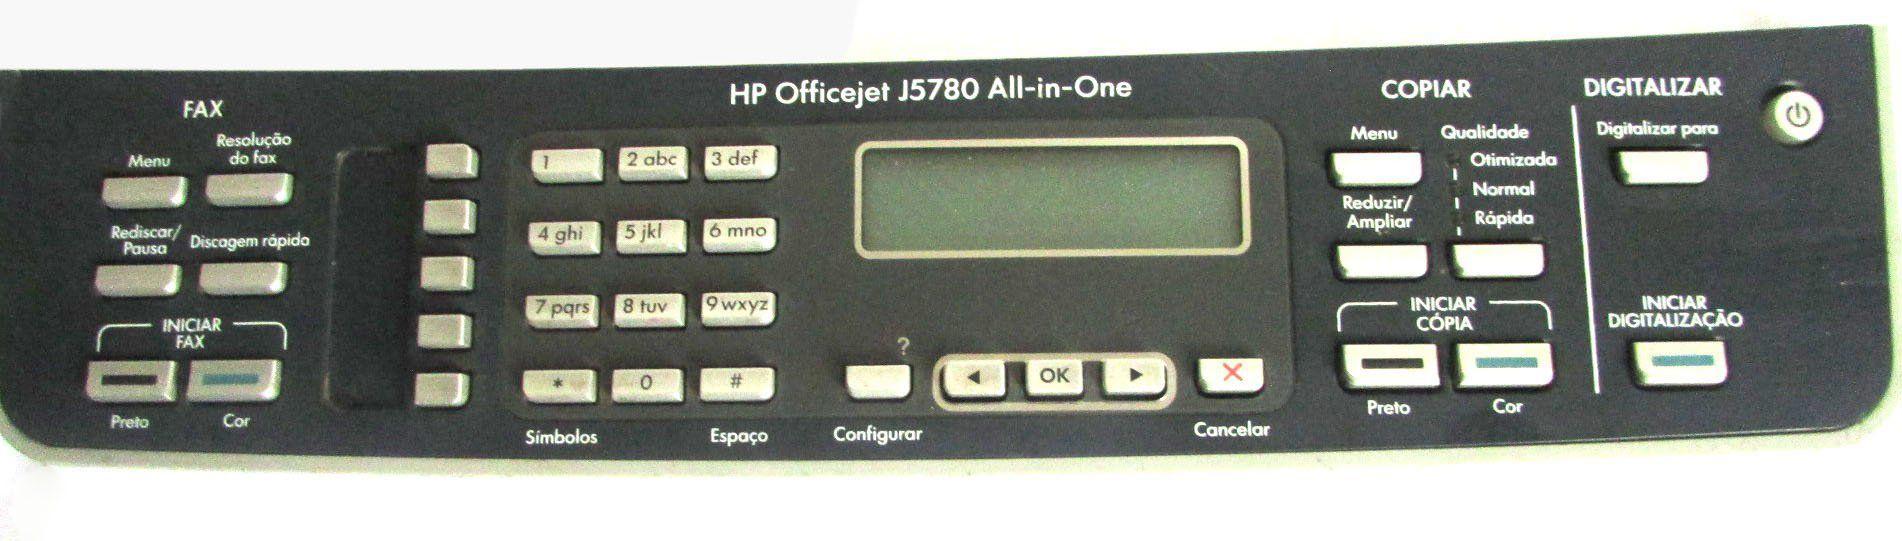 Painel Hp Officejet J5780 (semi novo)